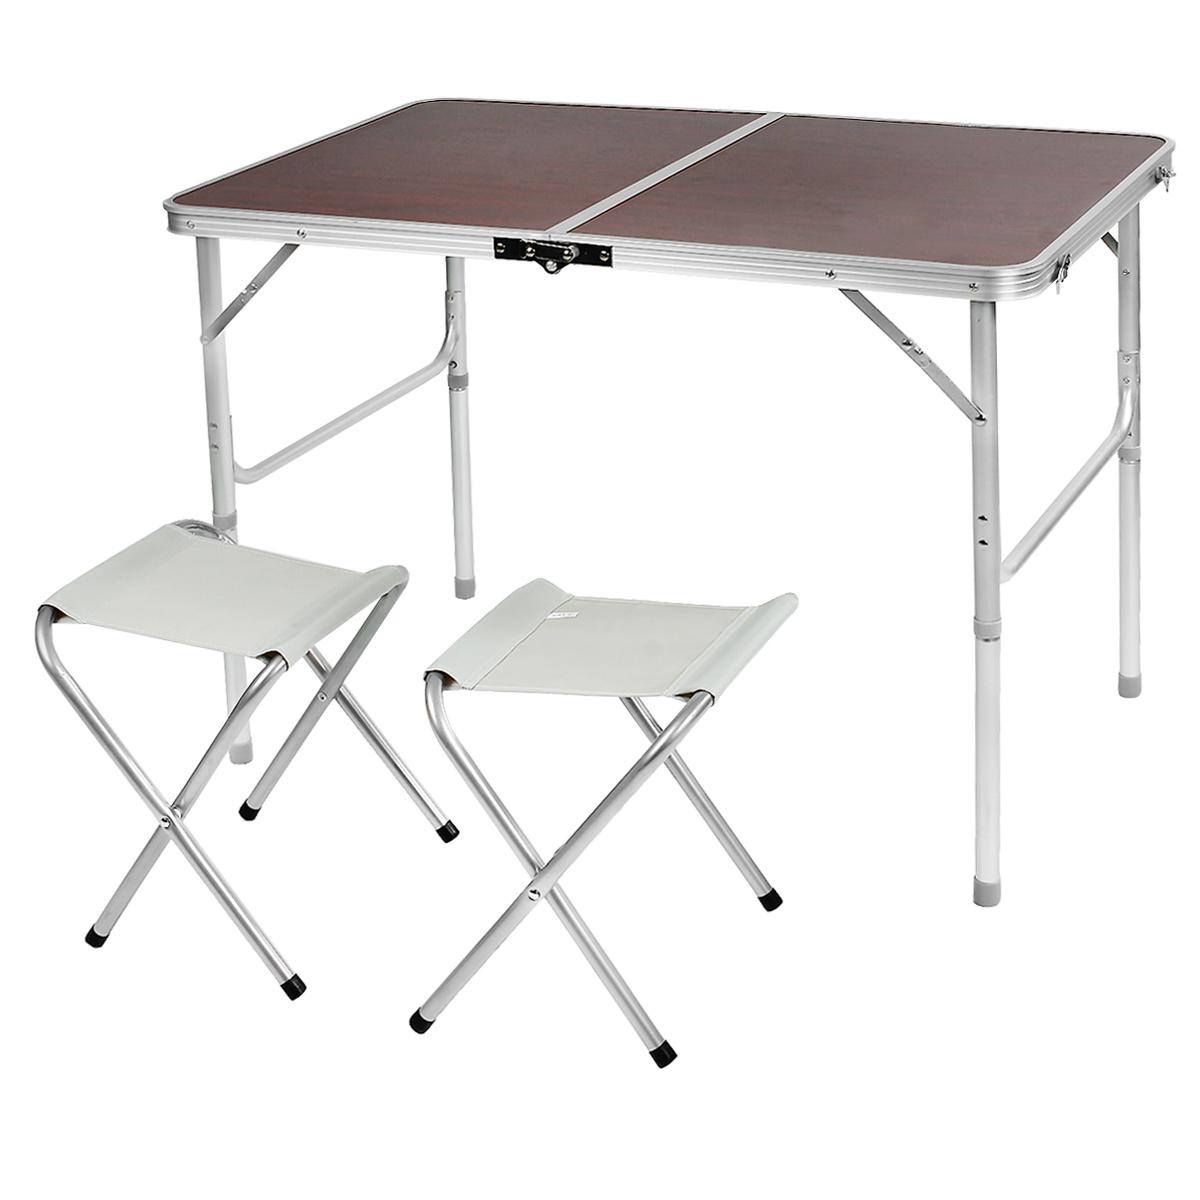 Набор складной мебели Happy Camper, 3 предметаST-9861Стол складной Happy Camper с 2 стульями - это незаменимый предмет походной мебели, очень удобен в эксплуатации. Каркас складного стола выполнен из алюминия, а столешница из МДФ. Стол легко собирается и разбирается и не занимает много места, поэтому подходит для транспортировки и хранения дома. Складывается в виде чемоданчика.